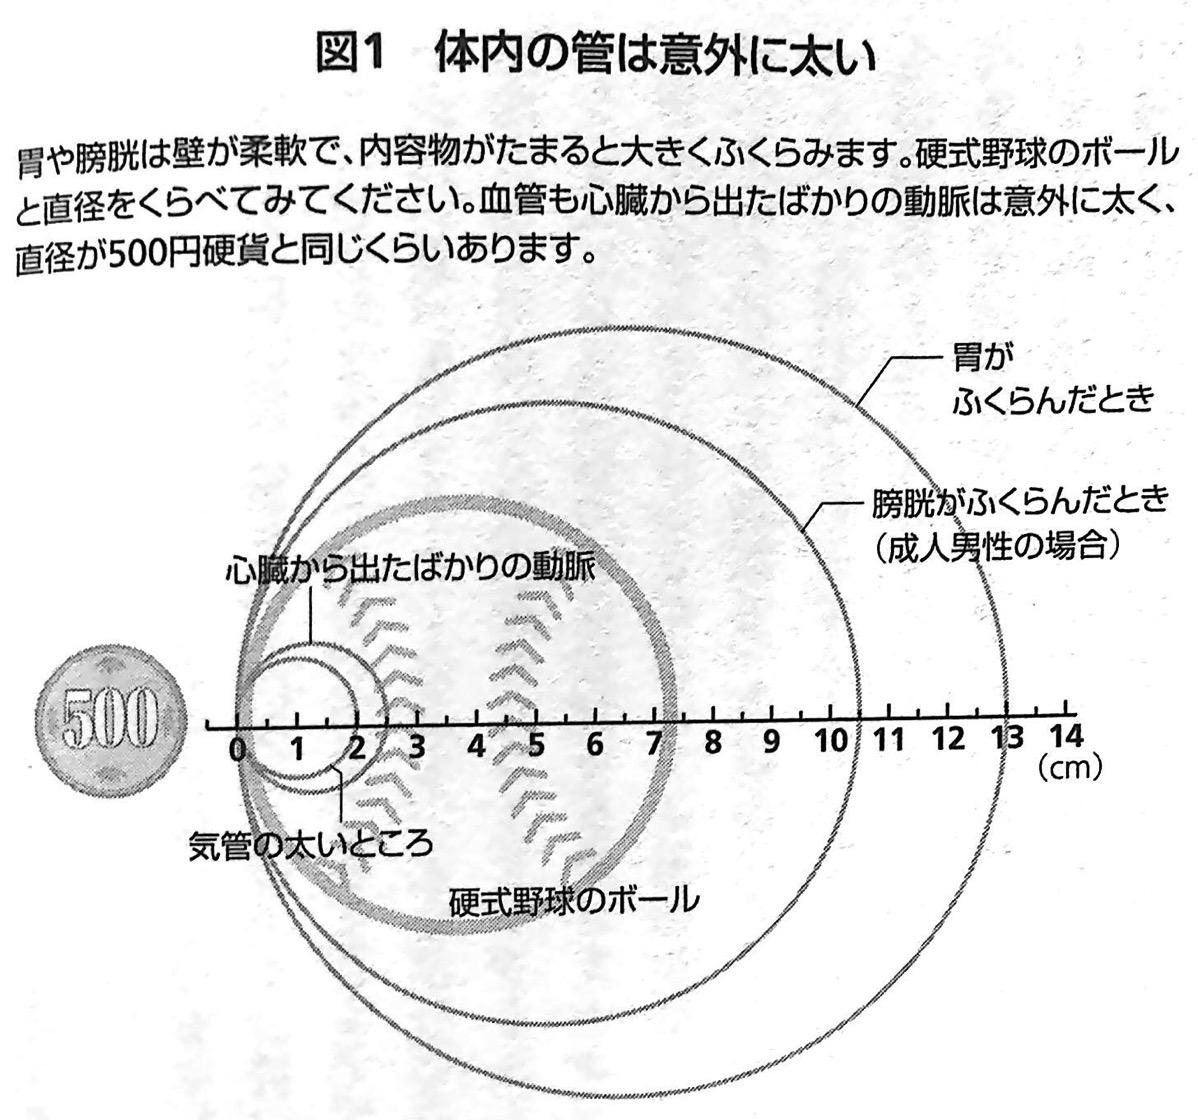 図1 体内の管は意外に太い 胃腸を最速で強くする 第1章